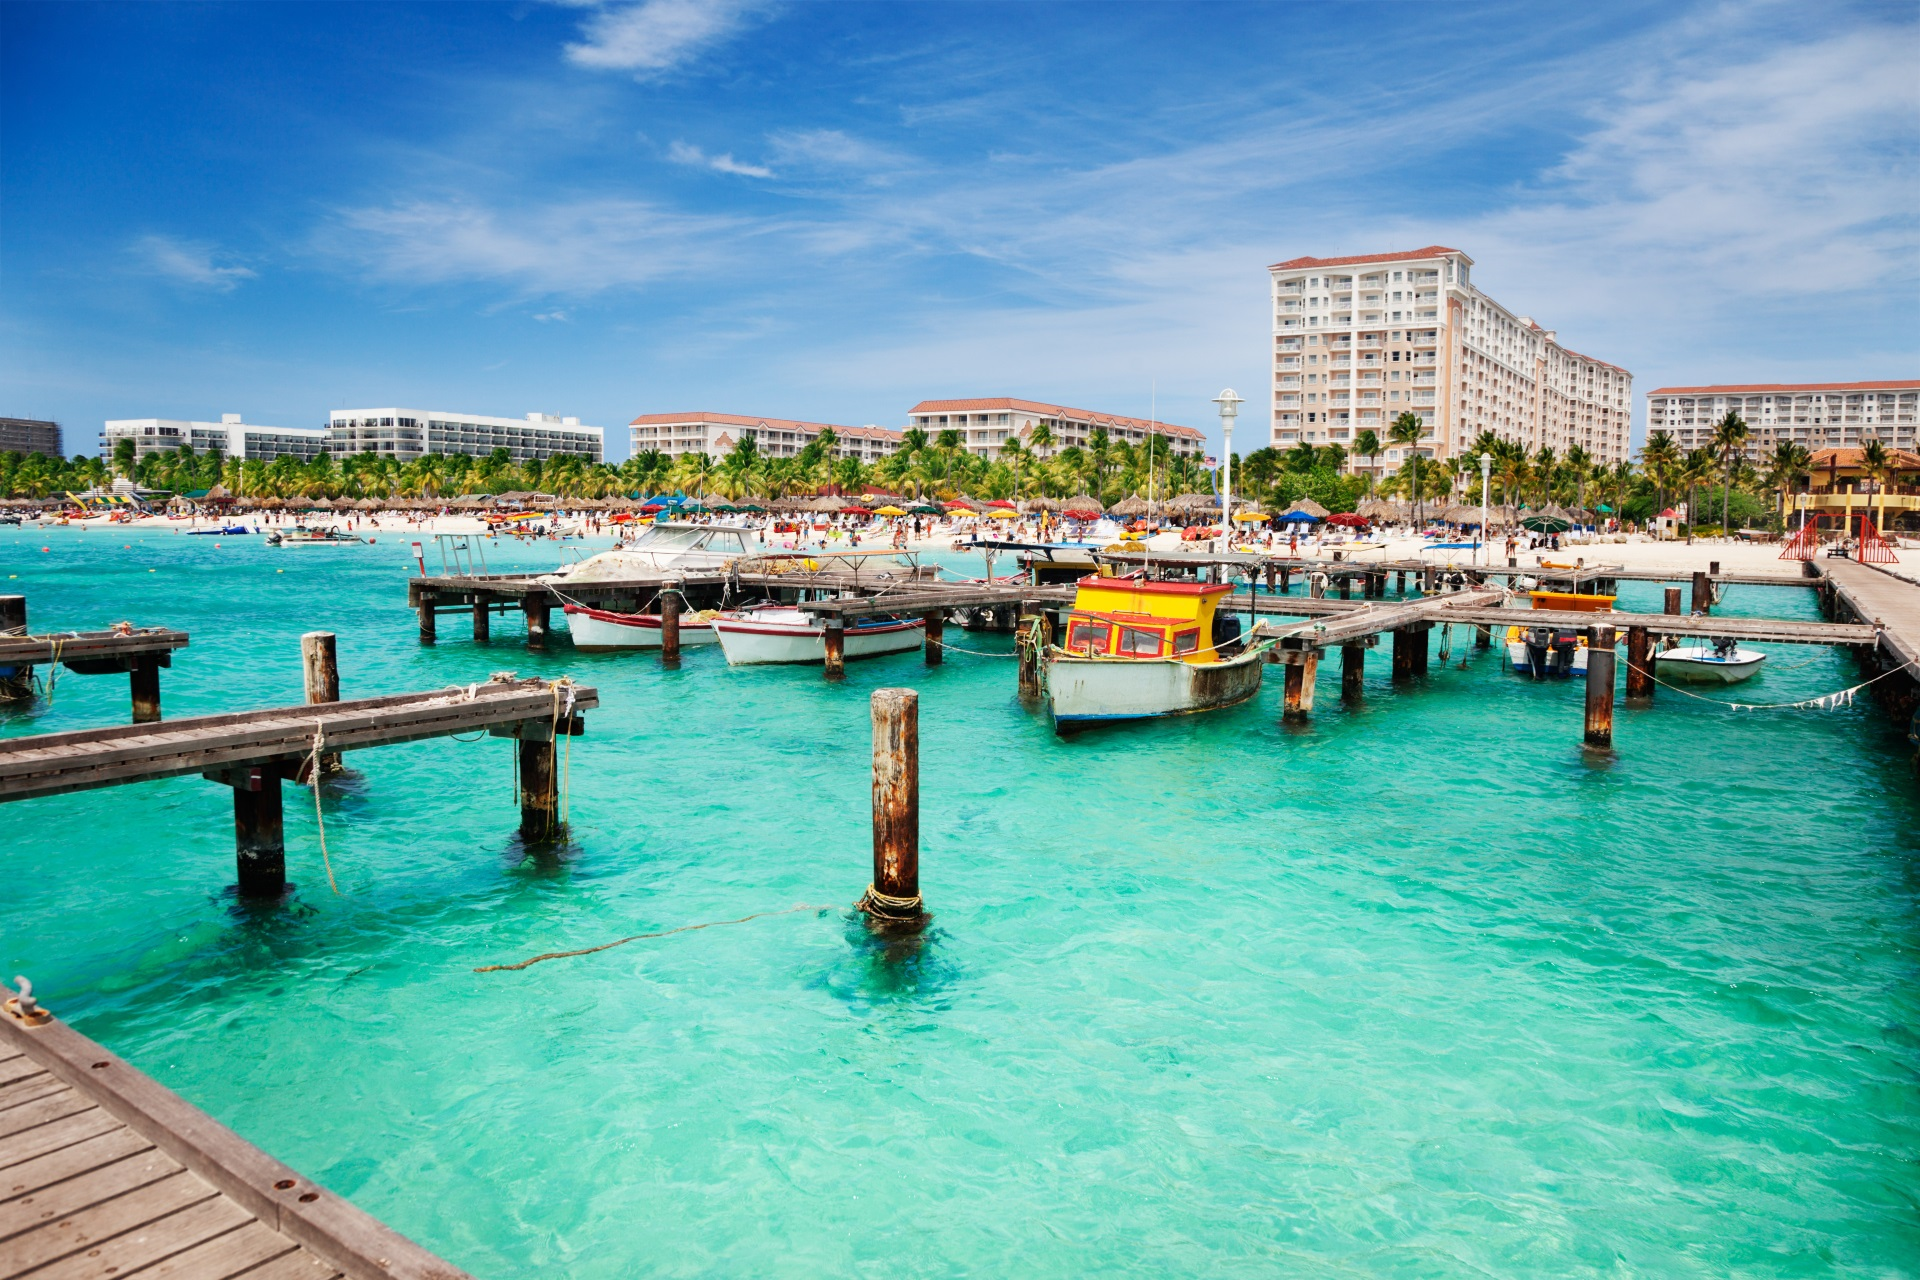 Die Touristenhochburg Palm Beach auf Aruba.